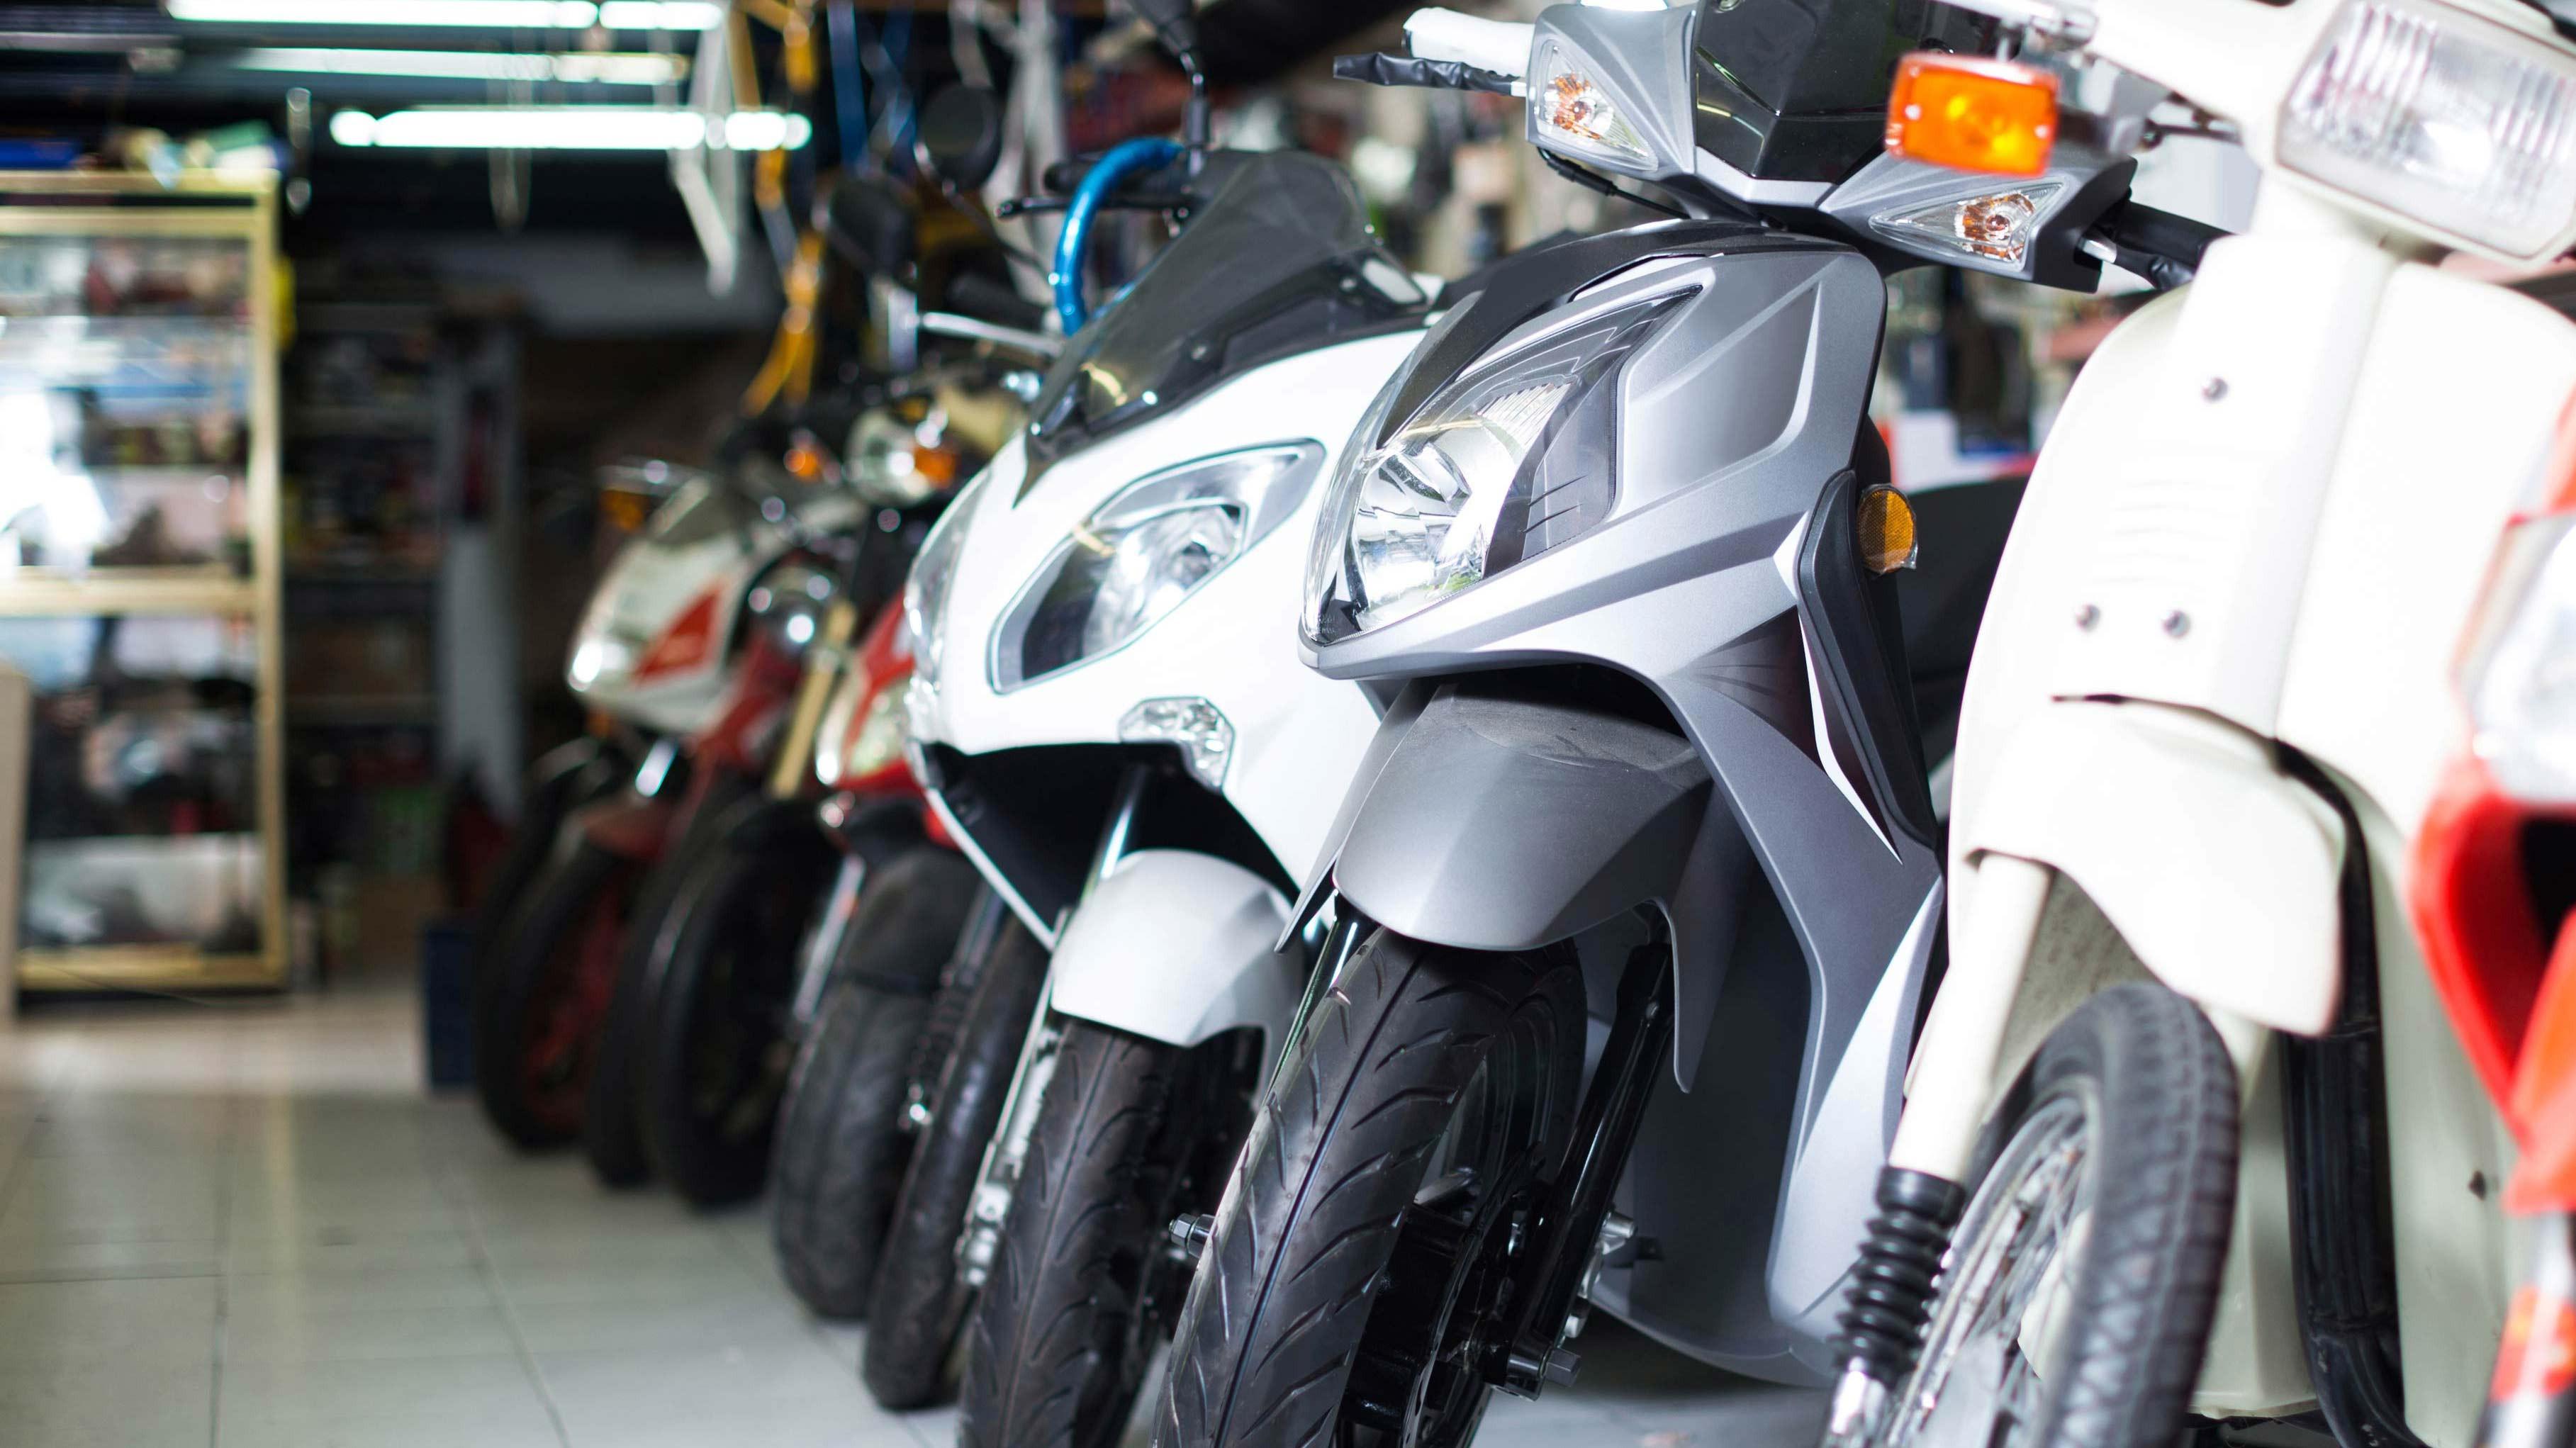 Mercado de motos sí crecerá en el 2020, impulsado por delivery y búsqueda de alternativas al transporte público